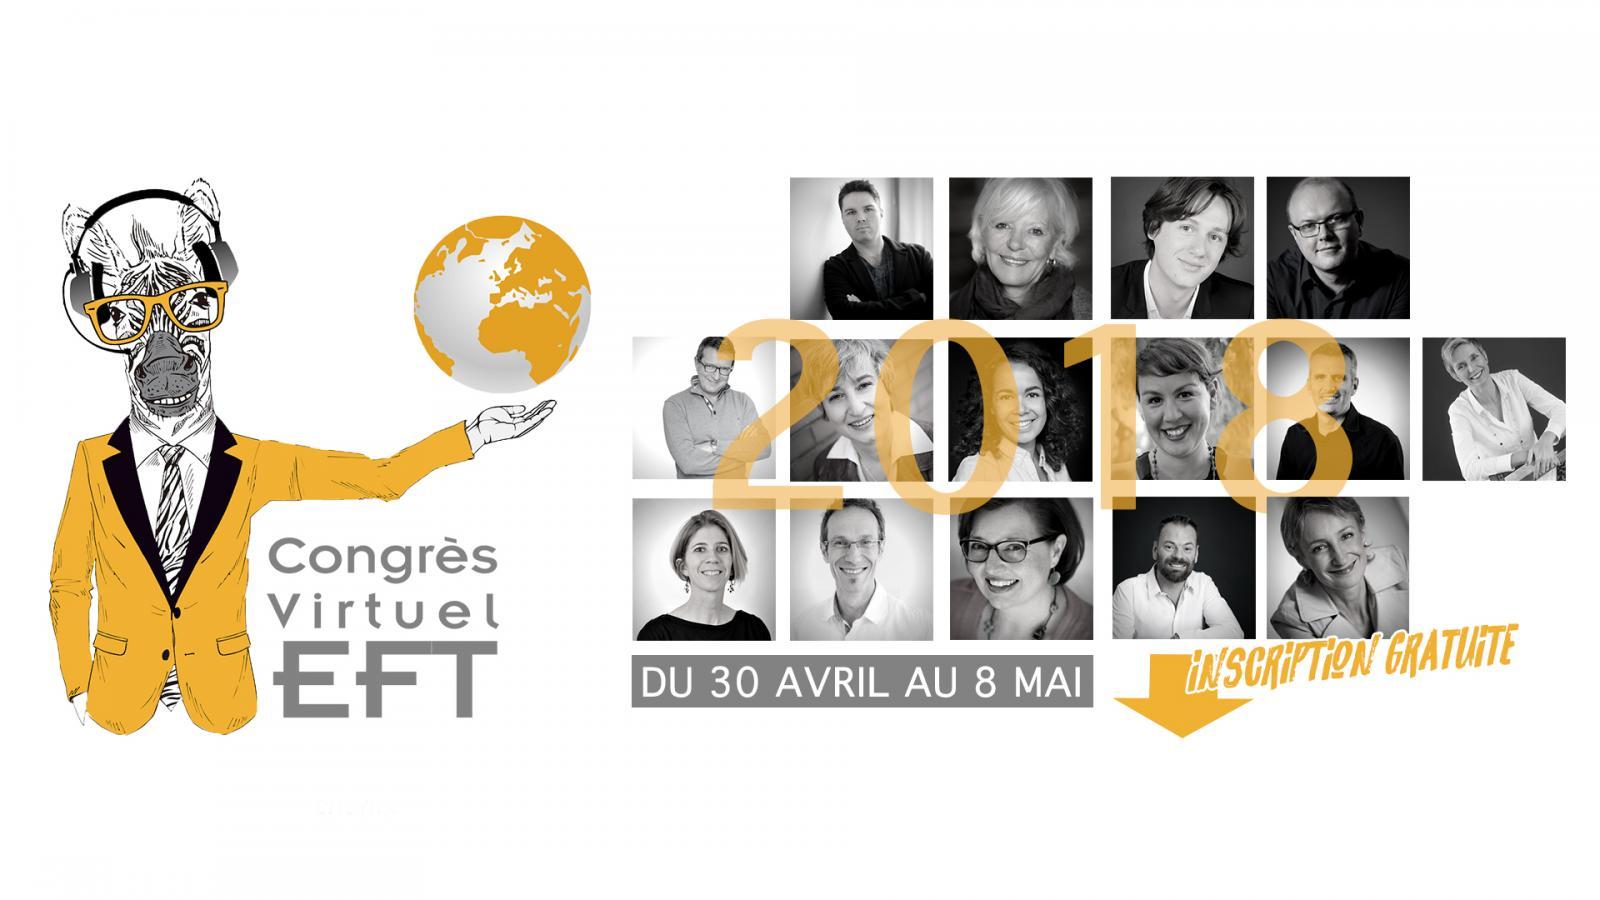 Congrès EFT